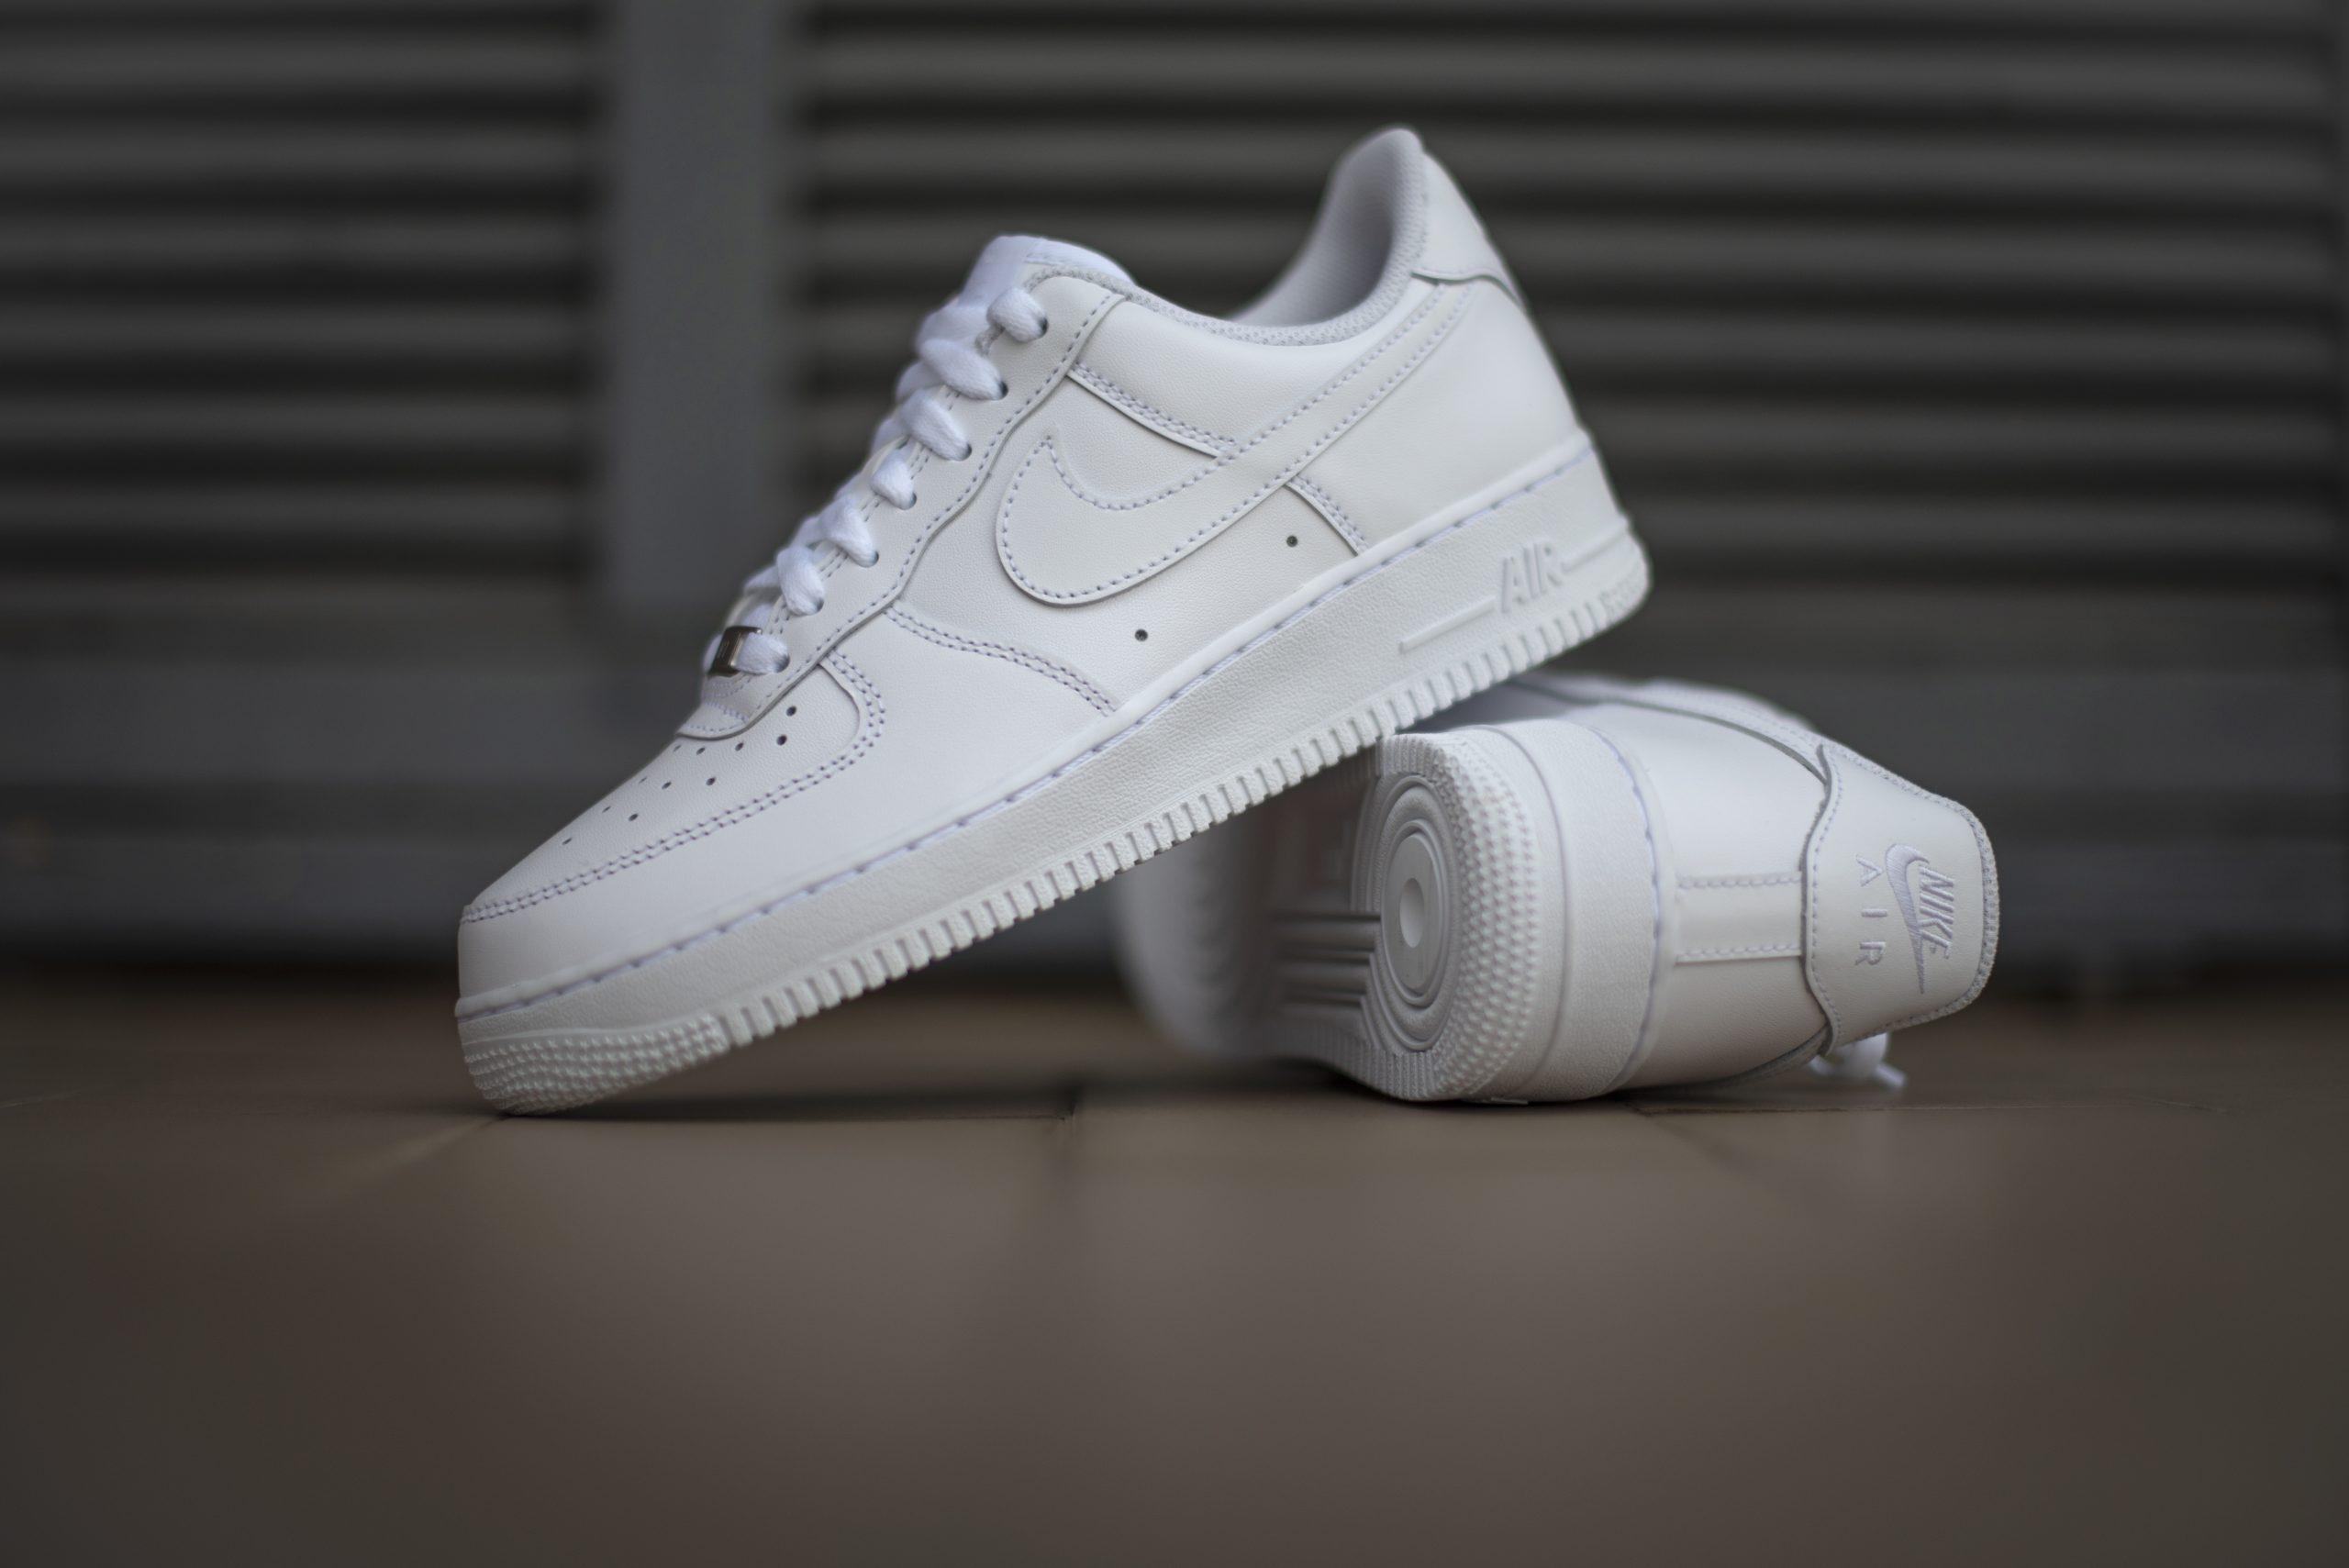 Nike Air Force Co To Za Buty Ile Kosztuja I Gdzie Kupic Inspiracje Modowe Blog Modowy Modoweinspiracje Pl